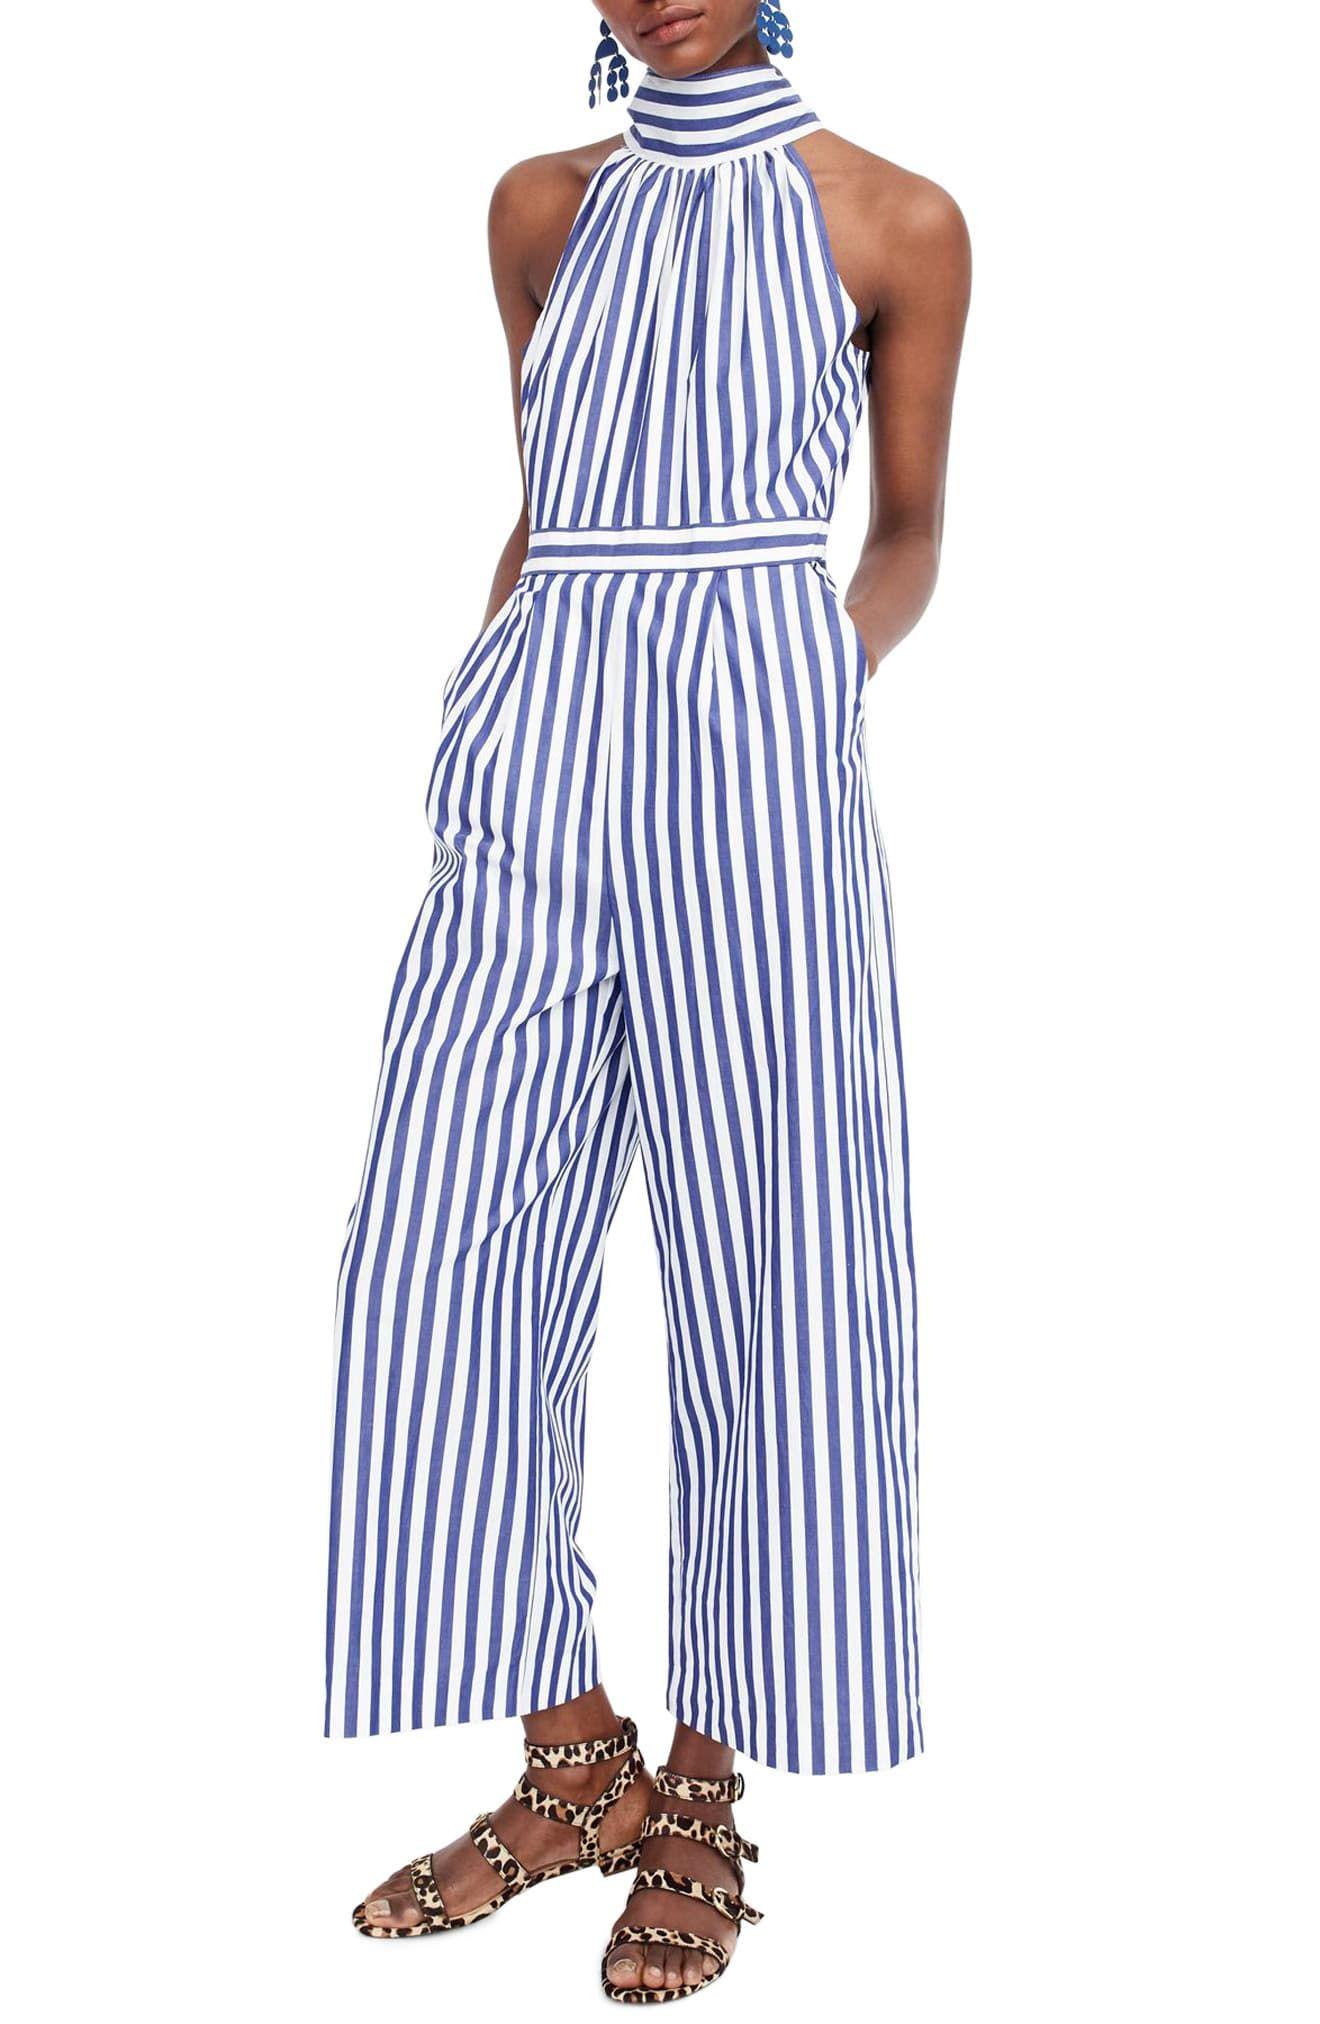 8e587d96a3231 Women's J.crew Stripe Halter Wide Leg Jumpsuit, Size 16 (similar to 14W) -  Blue